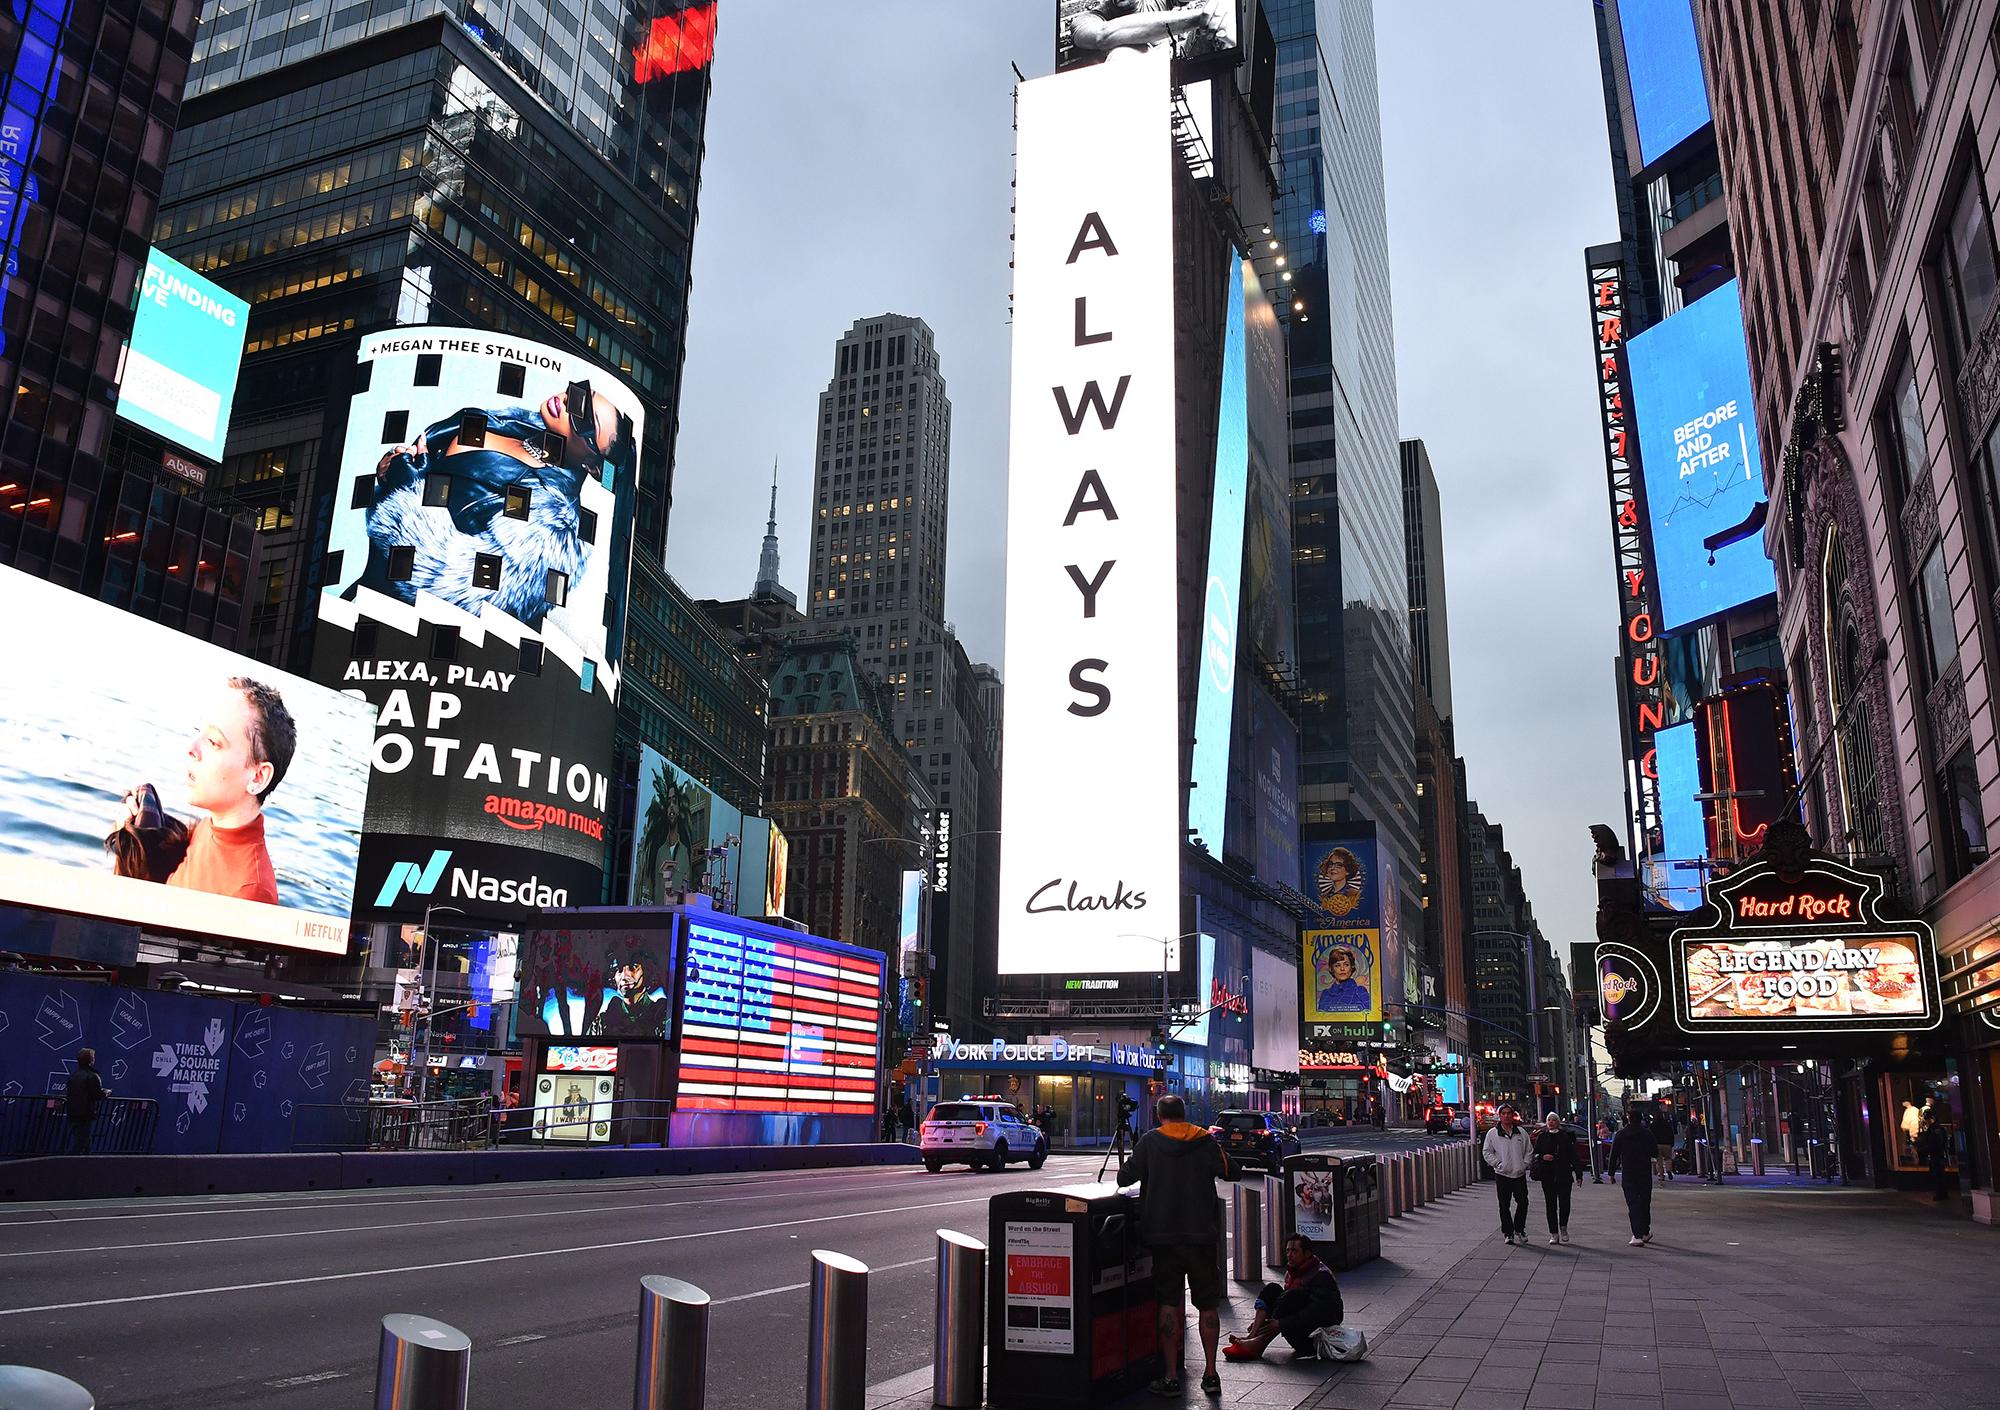 اختصاص 75 میلیون دلار به بخش خصوصی هنر نیویورک که بهخاطر کرونا آسیب دیدهاند